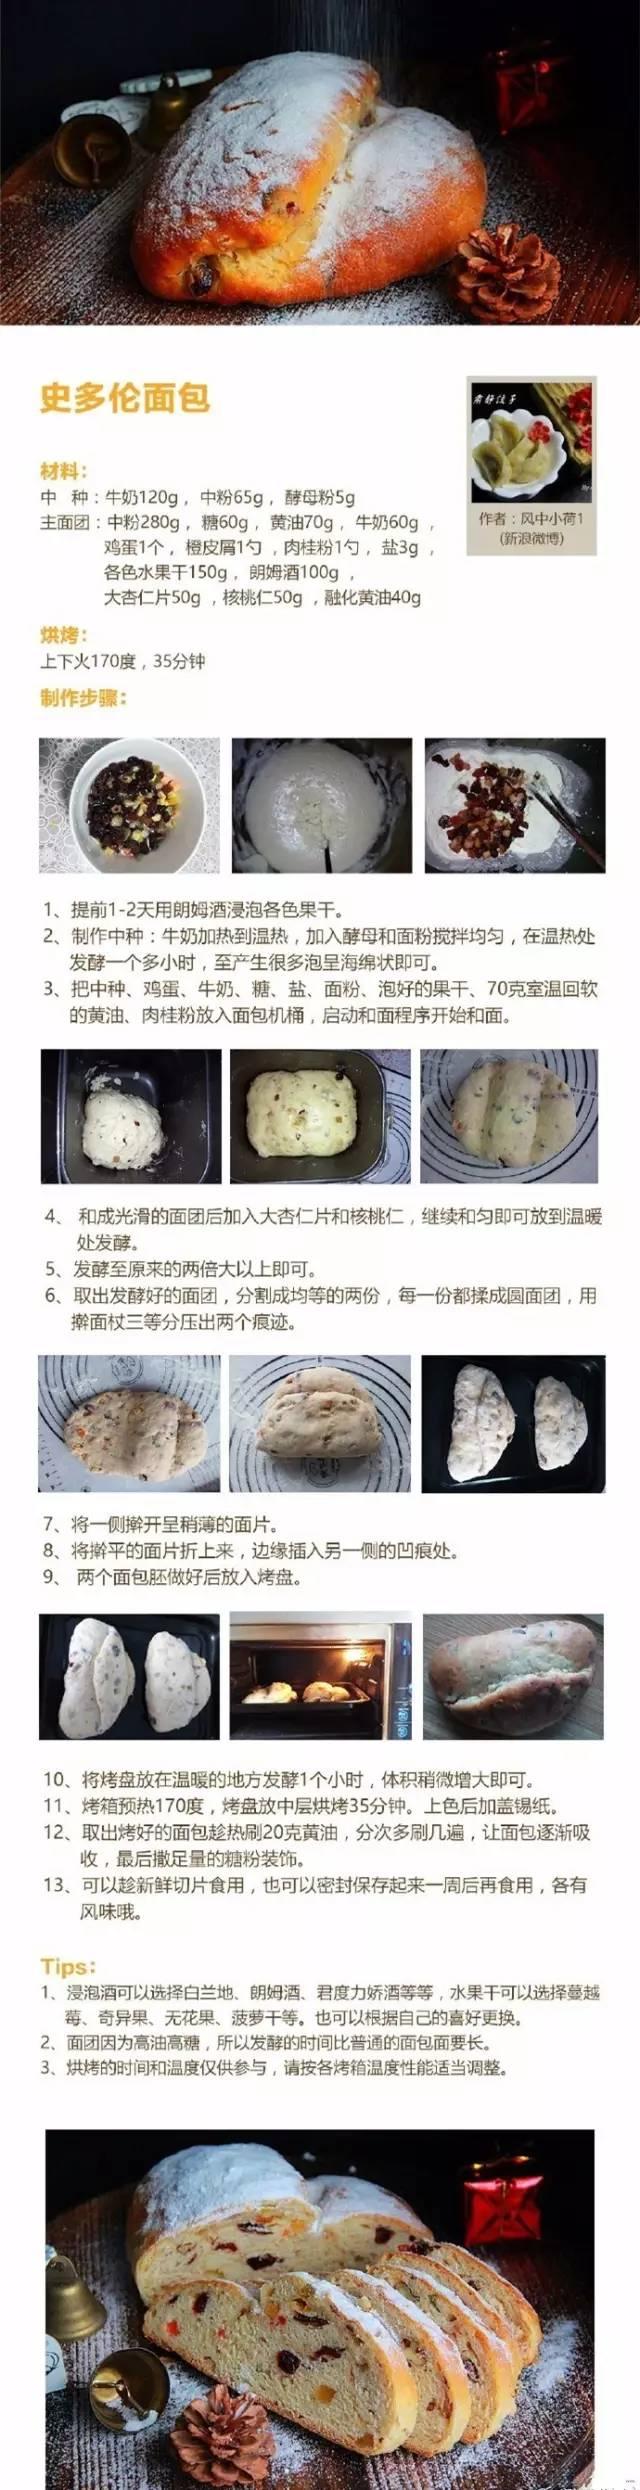 九种不同面包的配方及制作方法